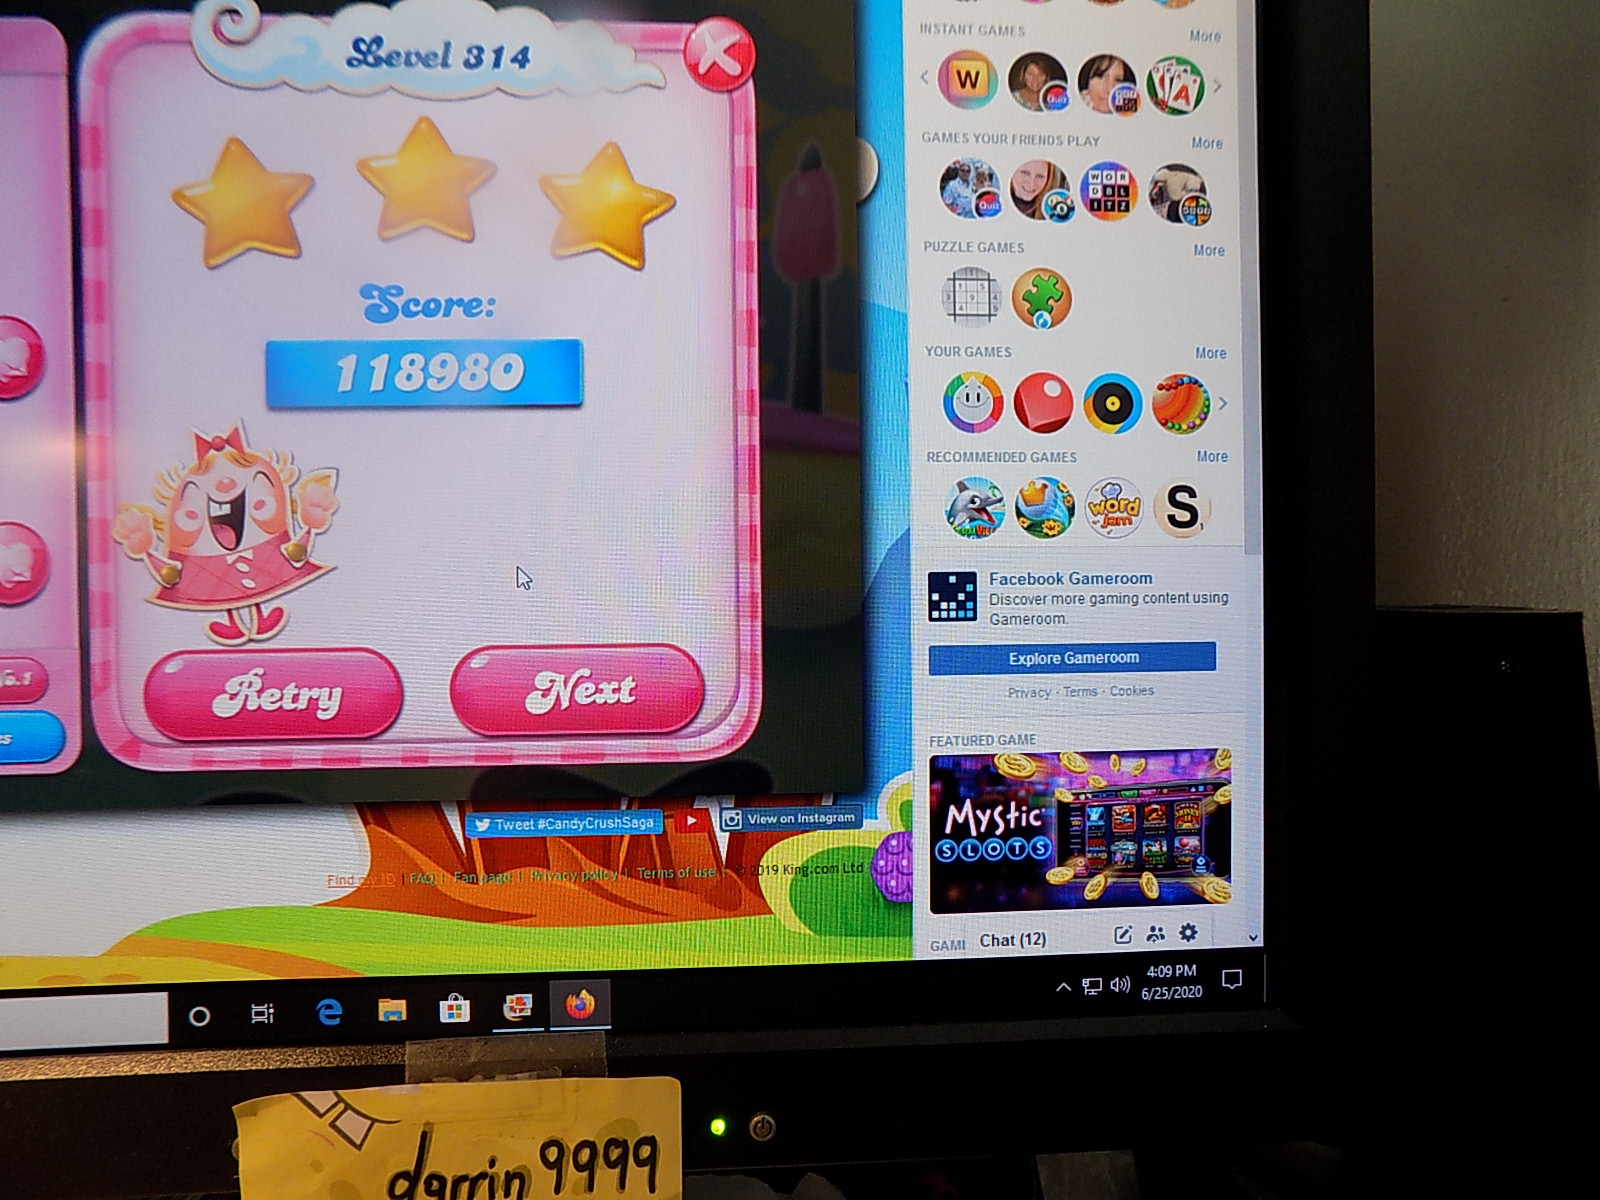 darrin9999: Candy Crush Saga: Level 314 (Web) 118,980 points on 2020-08-02 16:22:42